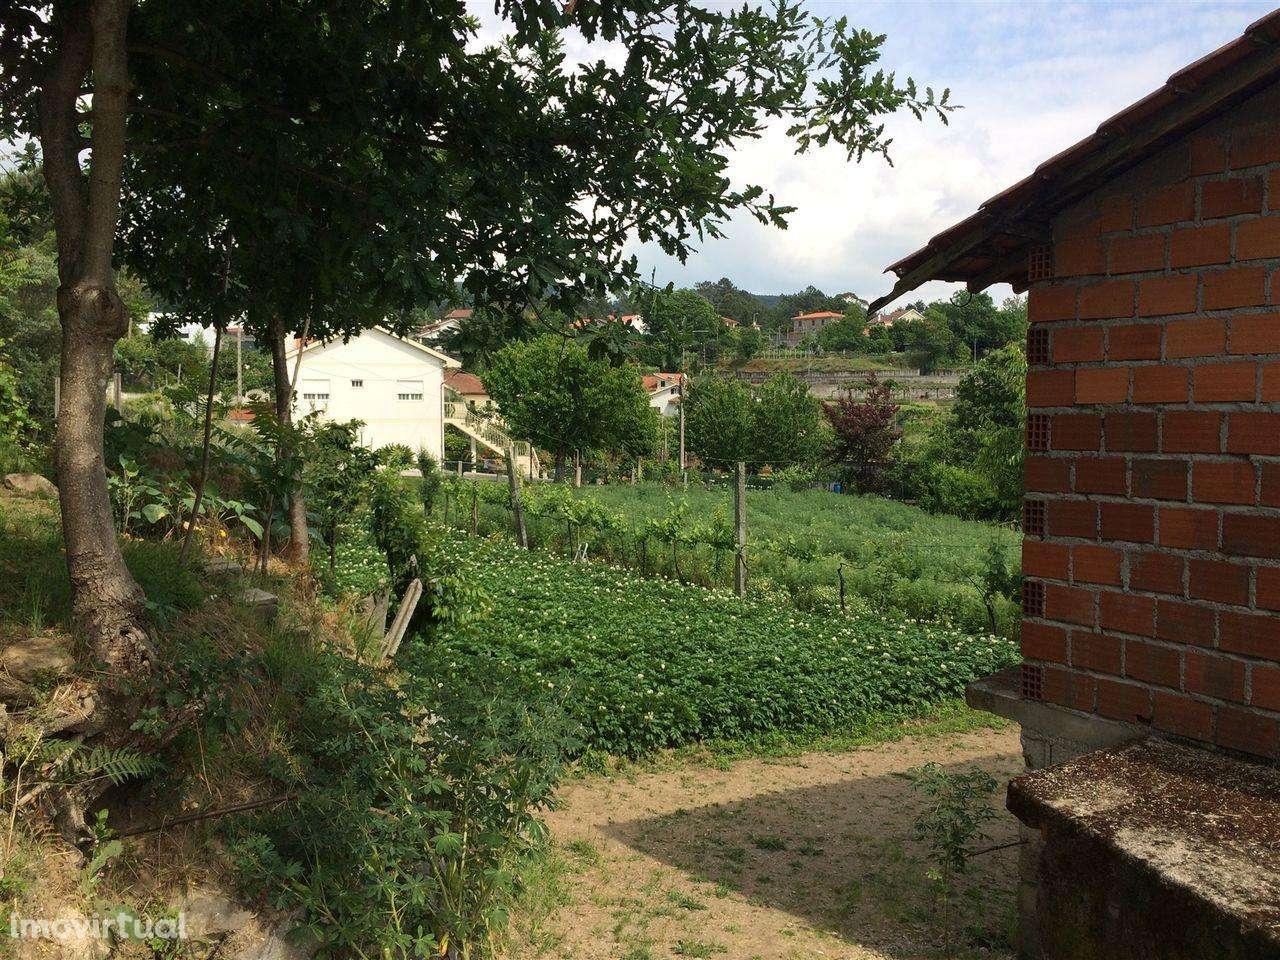 Terreno para comprar, Sande, Vilarinho, Barros e Gomide, Braga - Foto 2